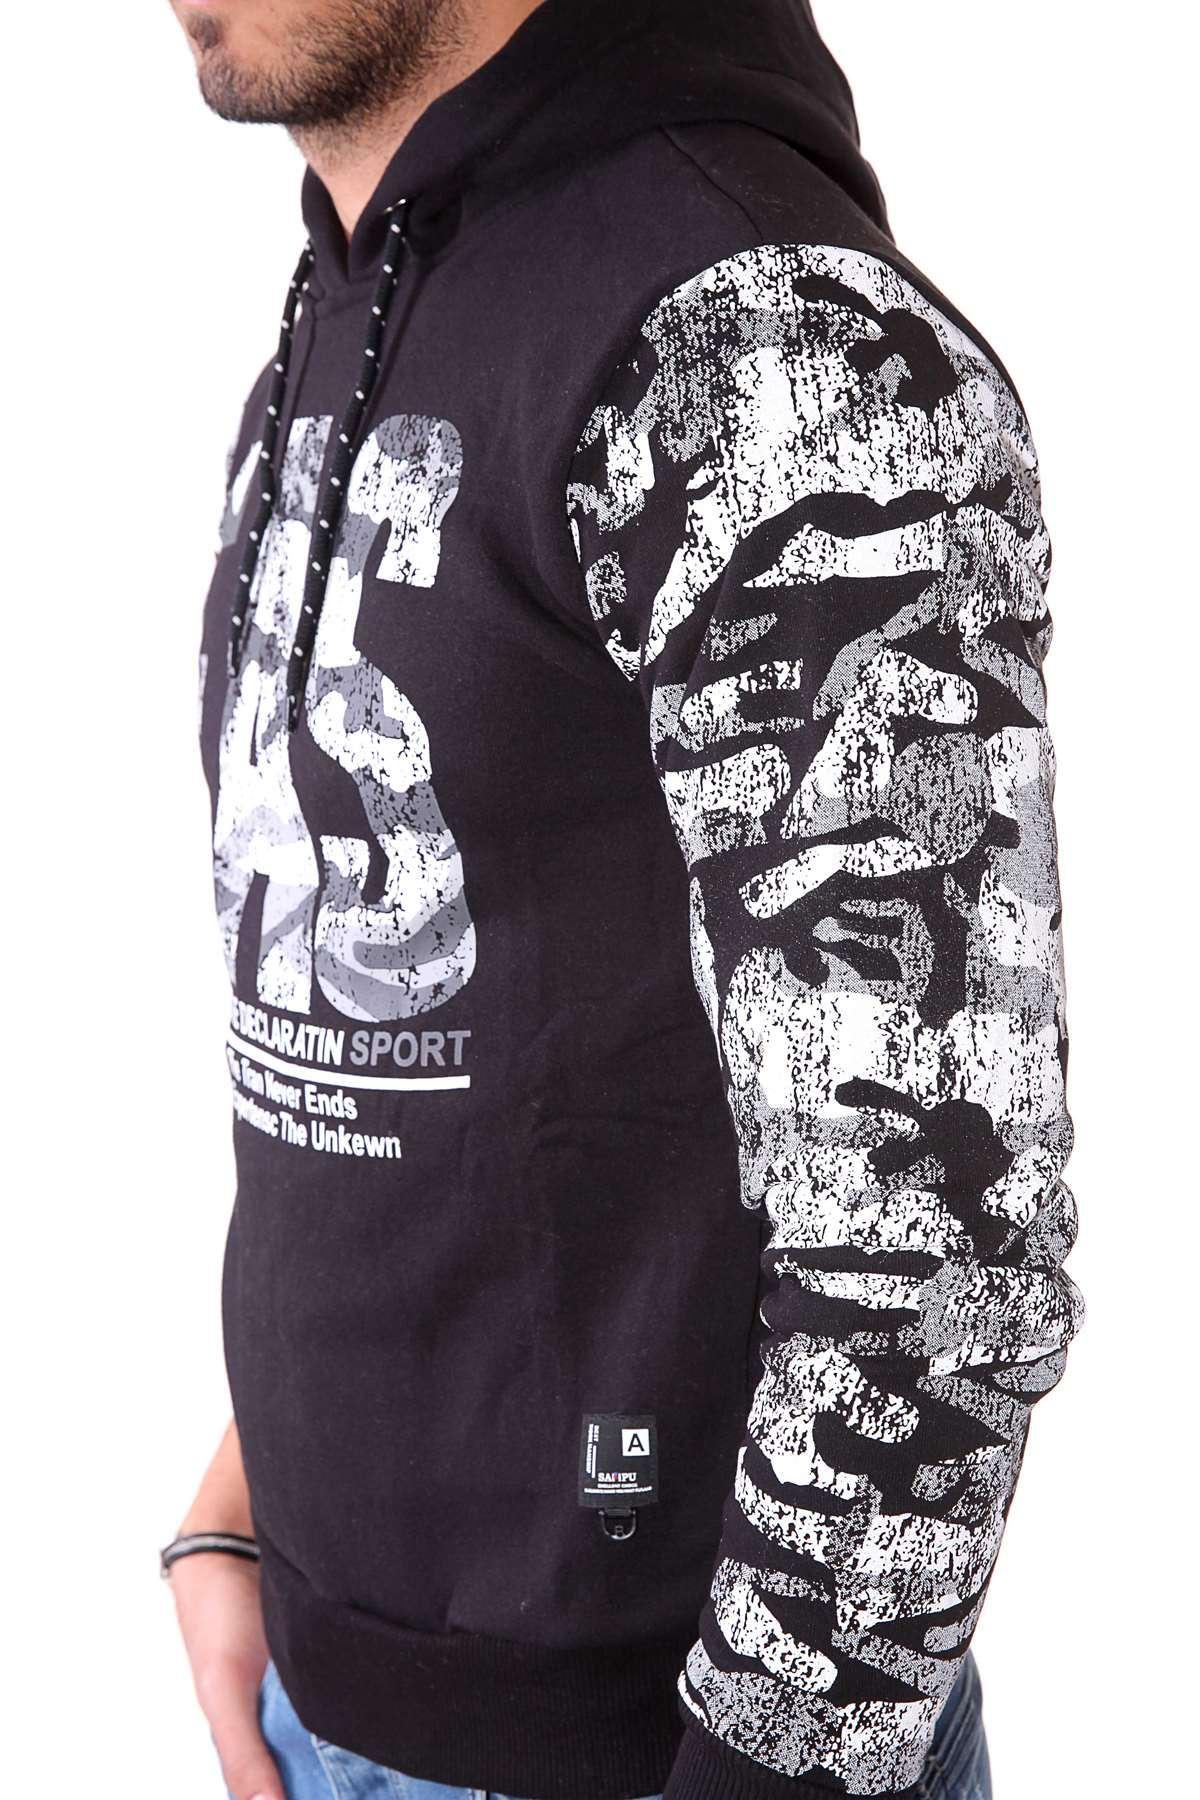 Göğüs Eas Baskılı Kollar Kamuflaj Desenli Kapşonlu Sweatshirt Siyah